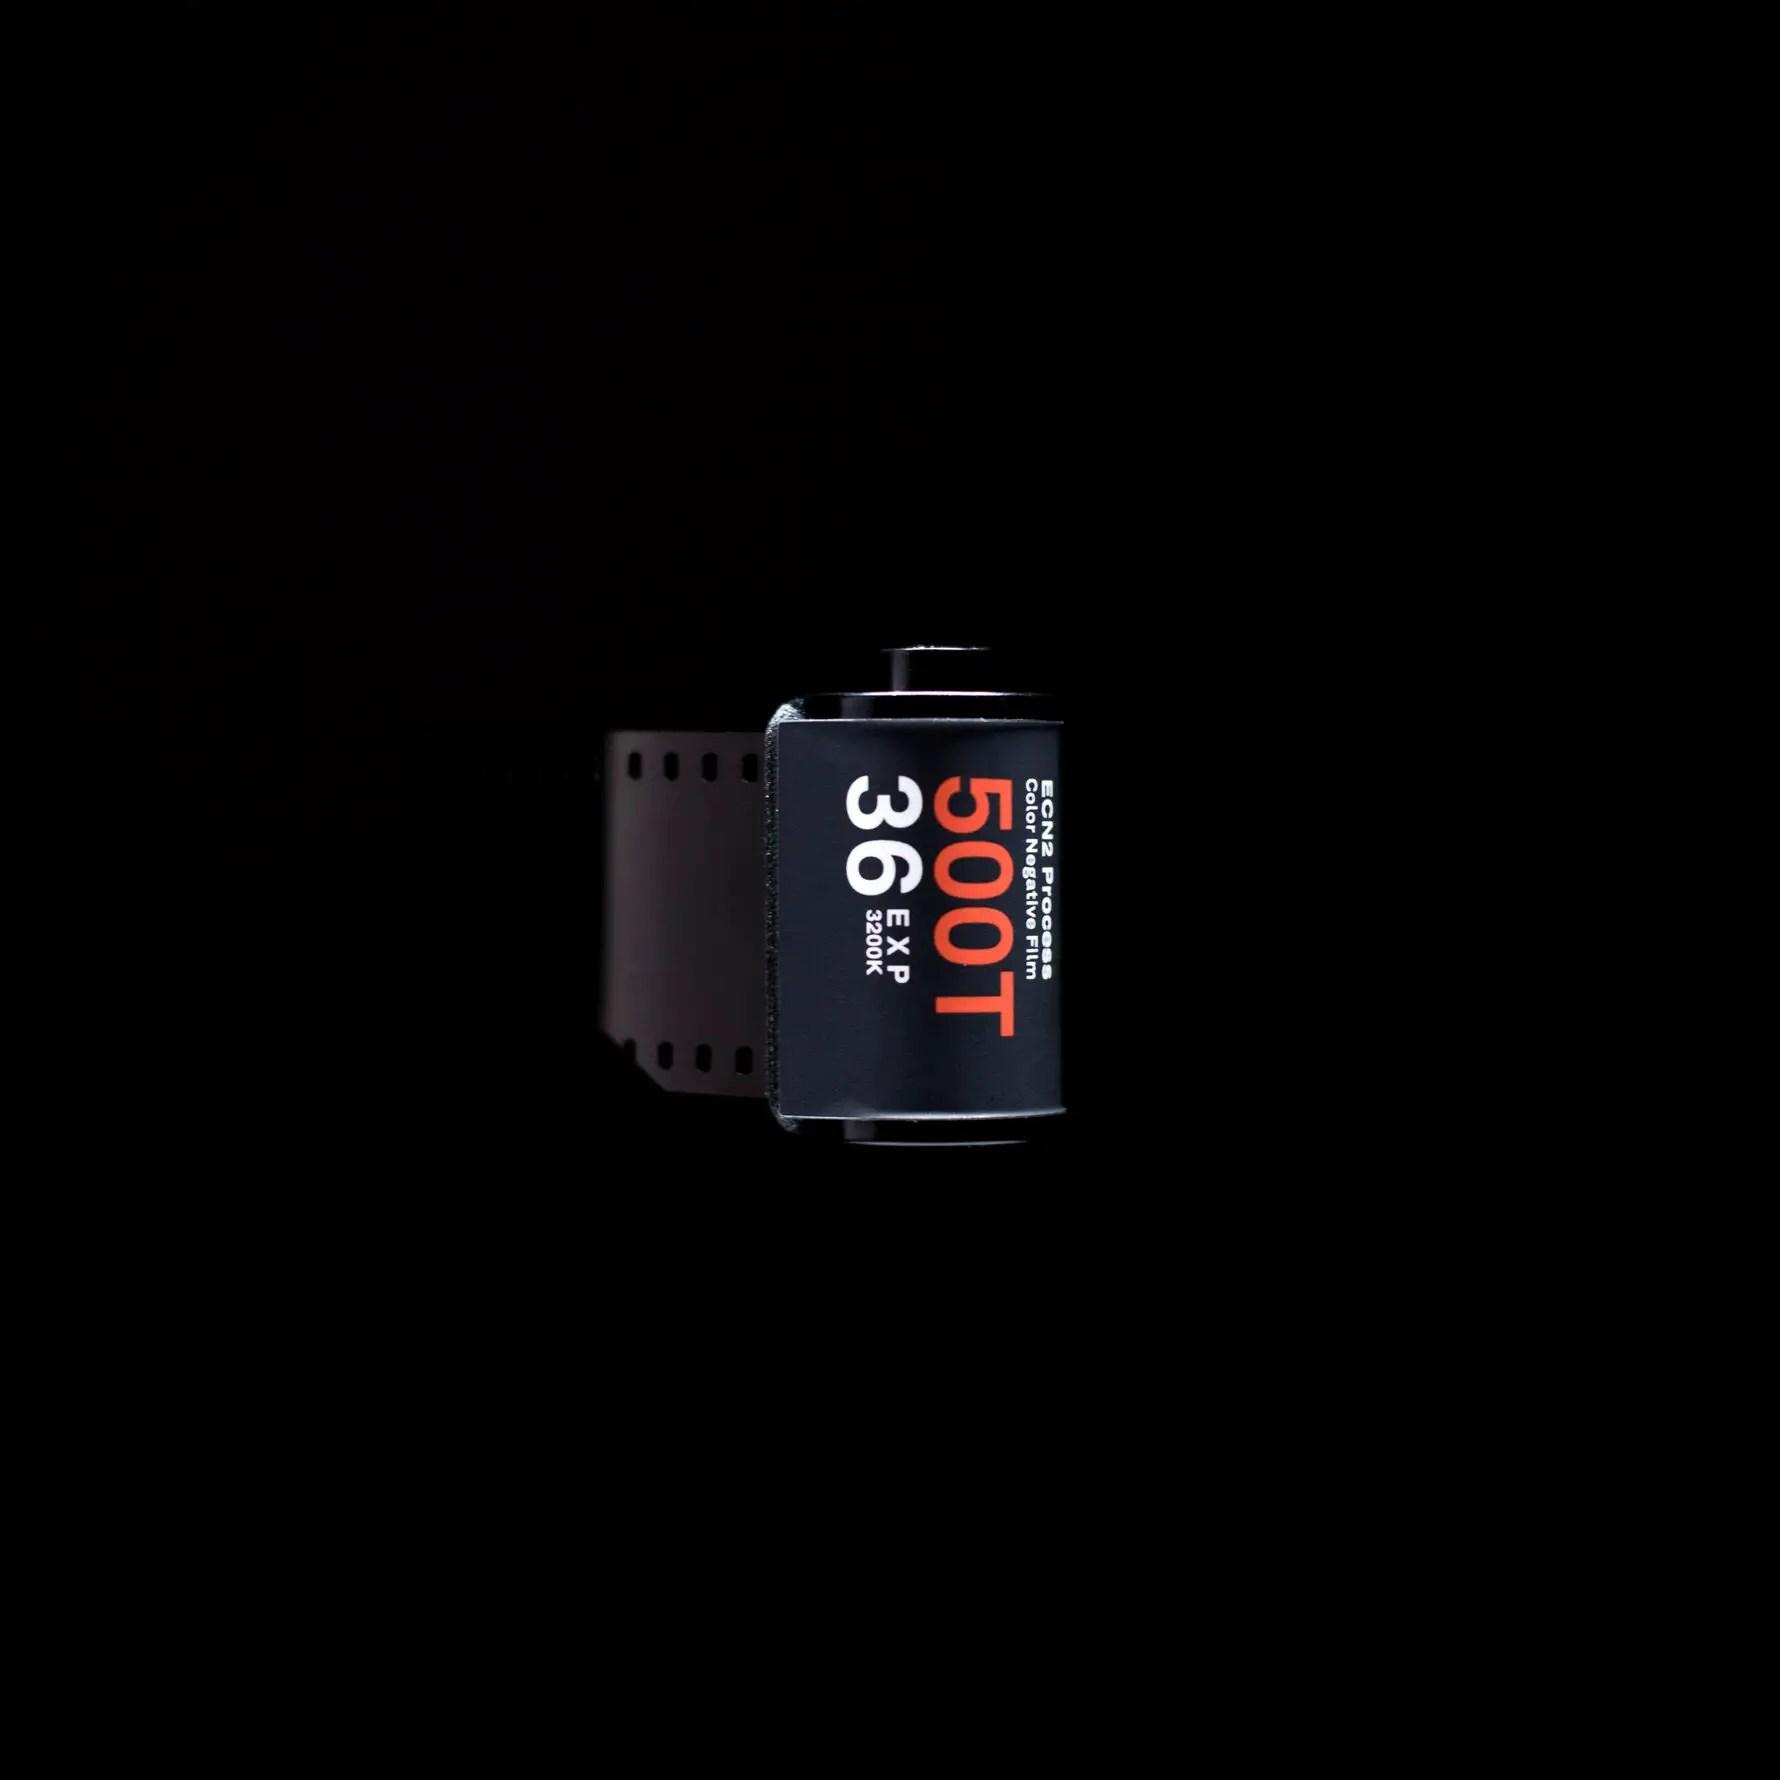 QWD Kodak VISION3 50DT-36